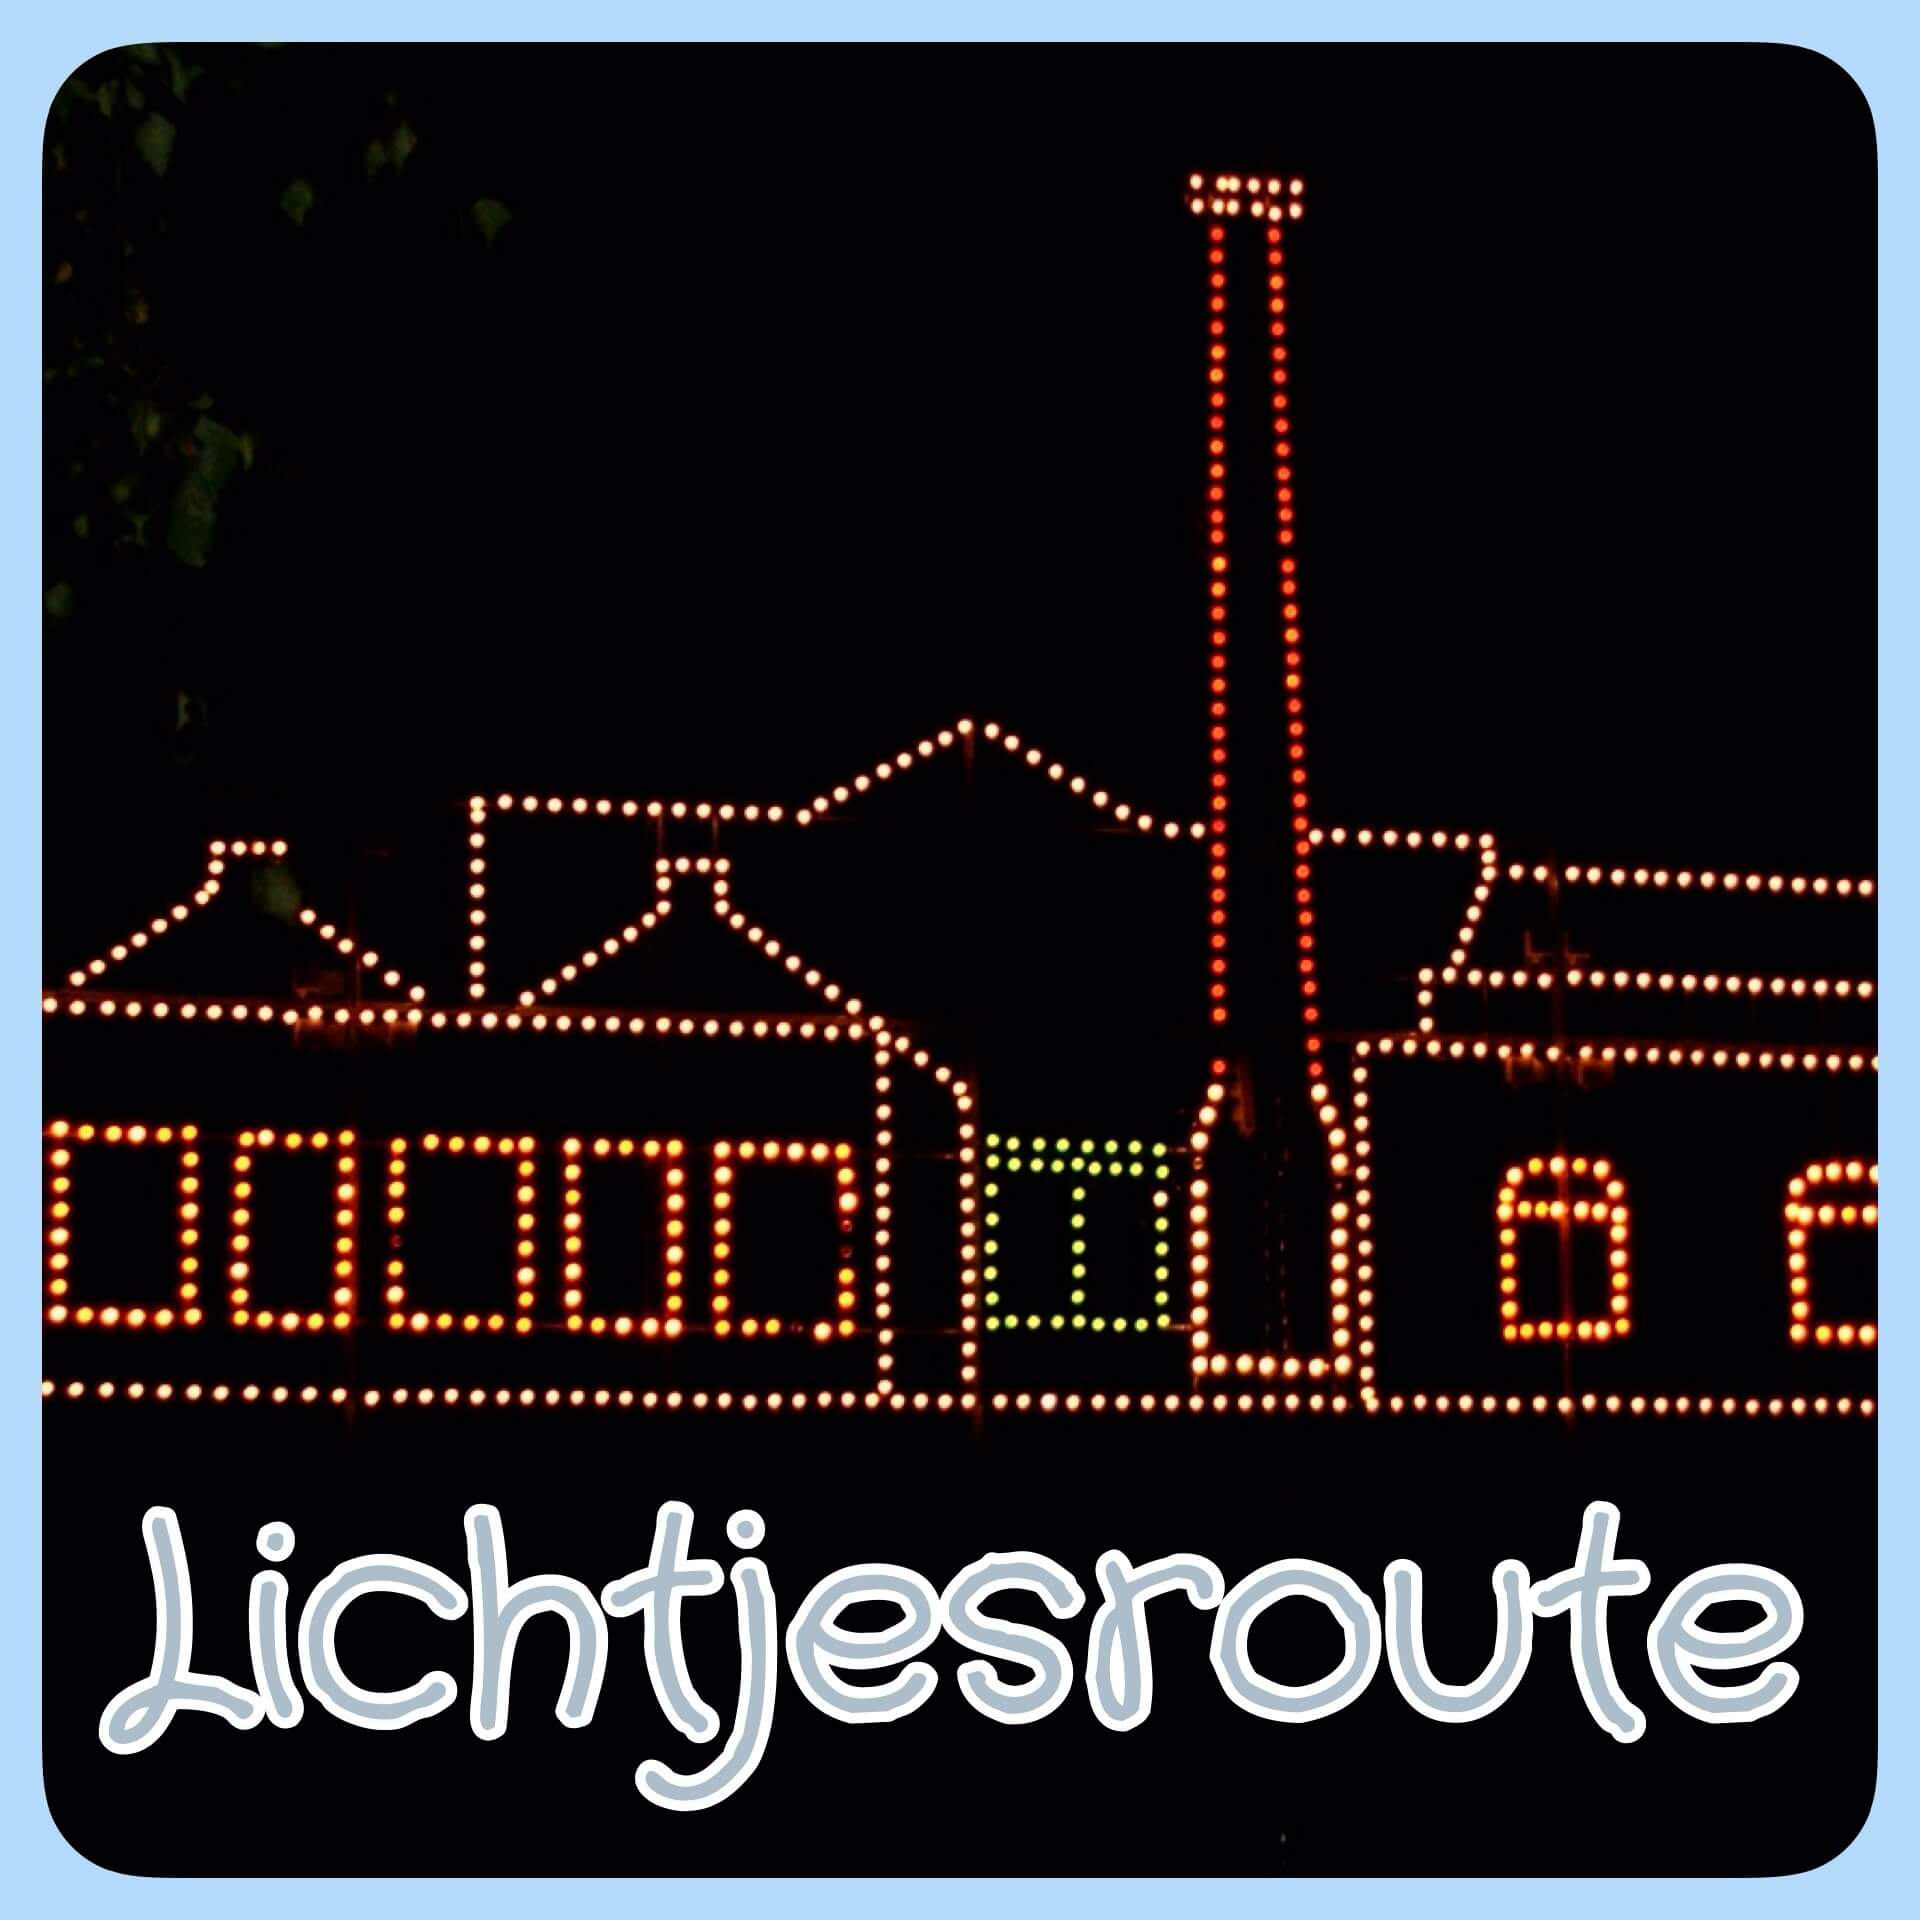 Lichtjesroute in Eindhoven